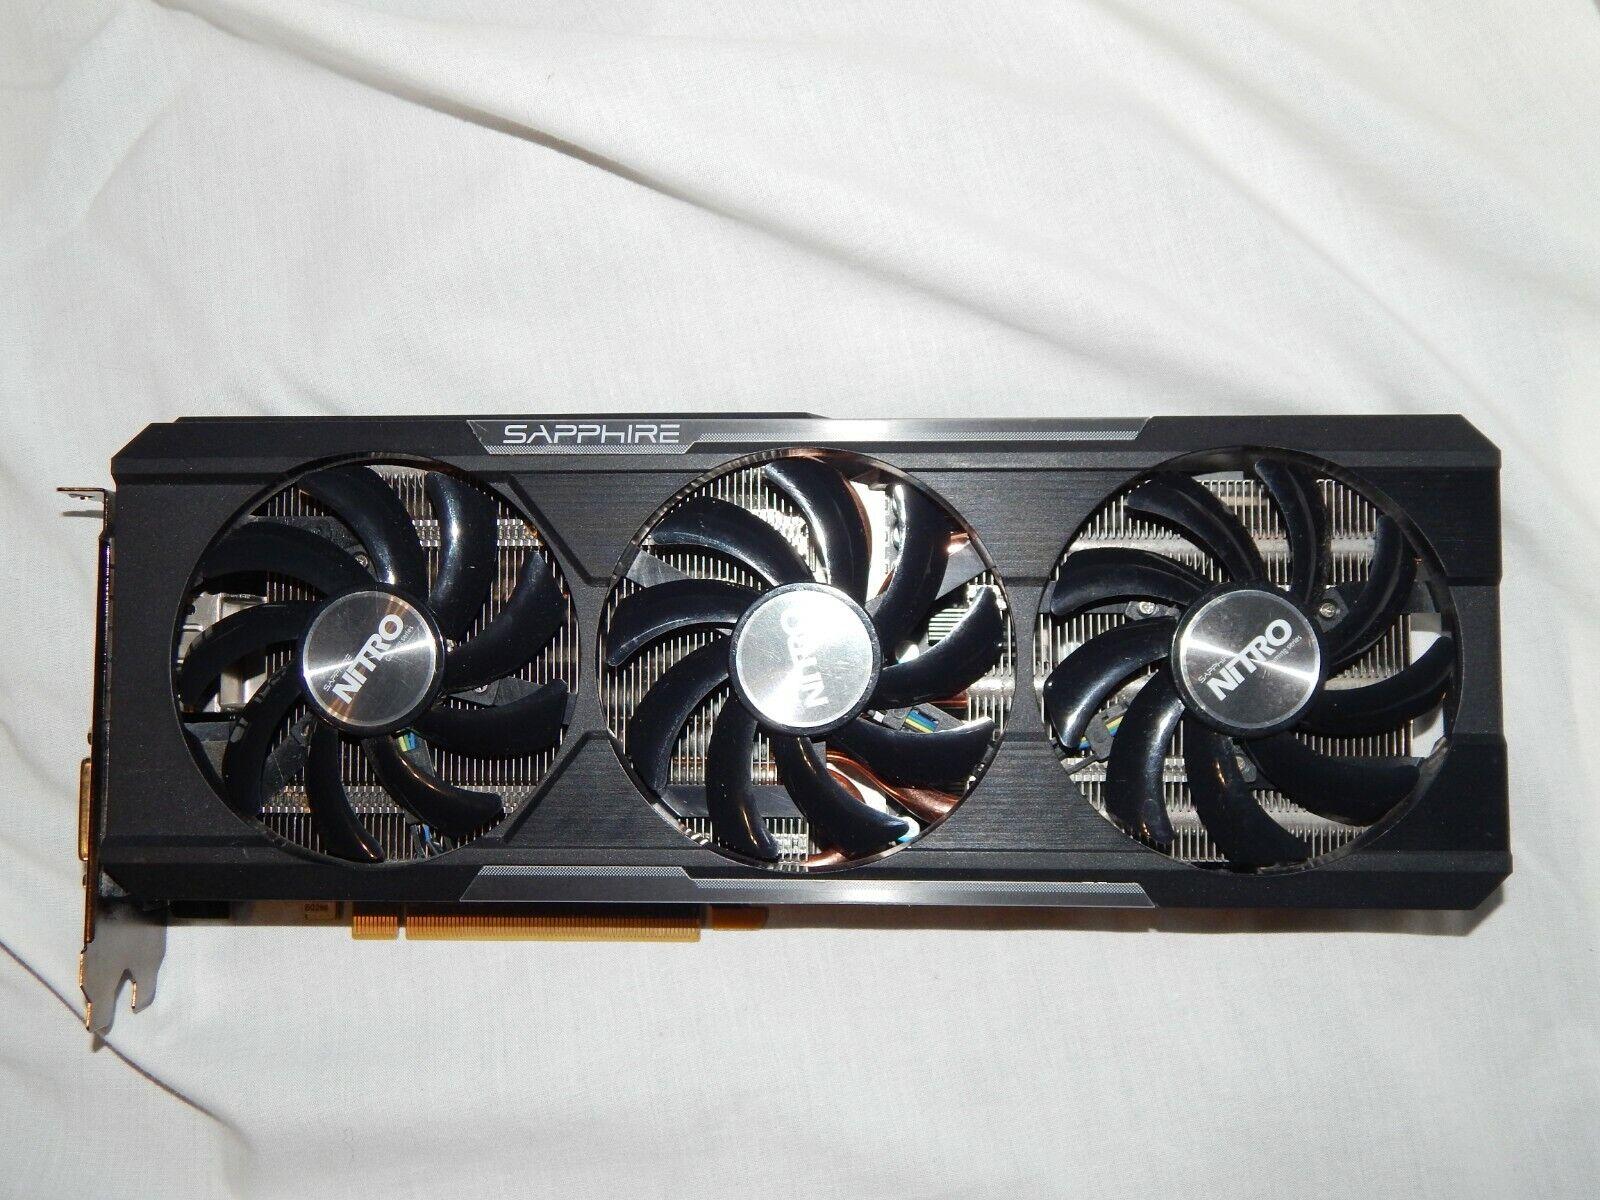 Sapphire Radeon Nitro R9 390X 8GB GDDR5 PCI-E 3.0 Grafikkarte